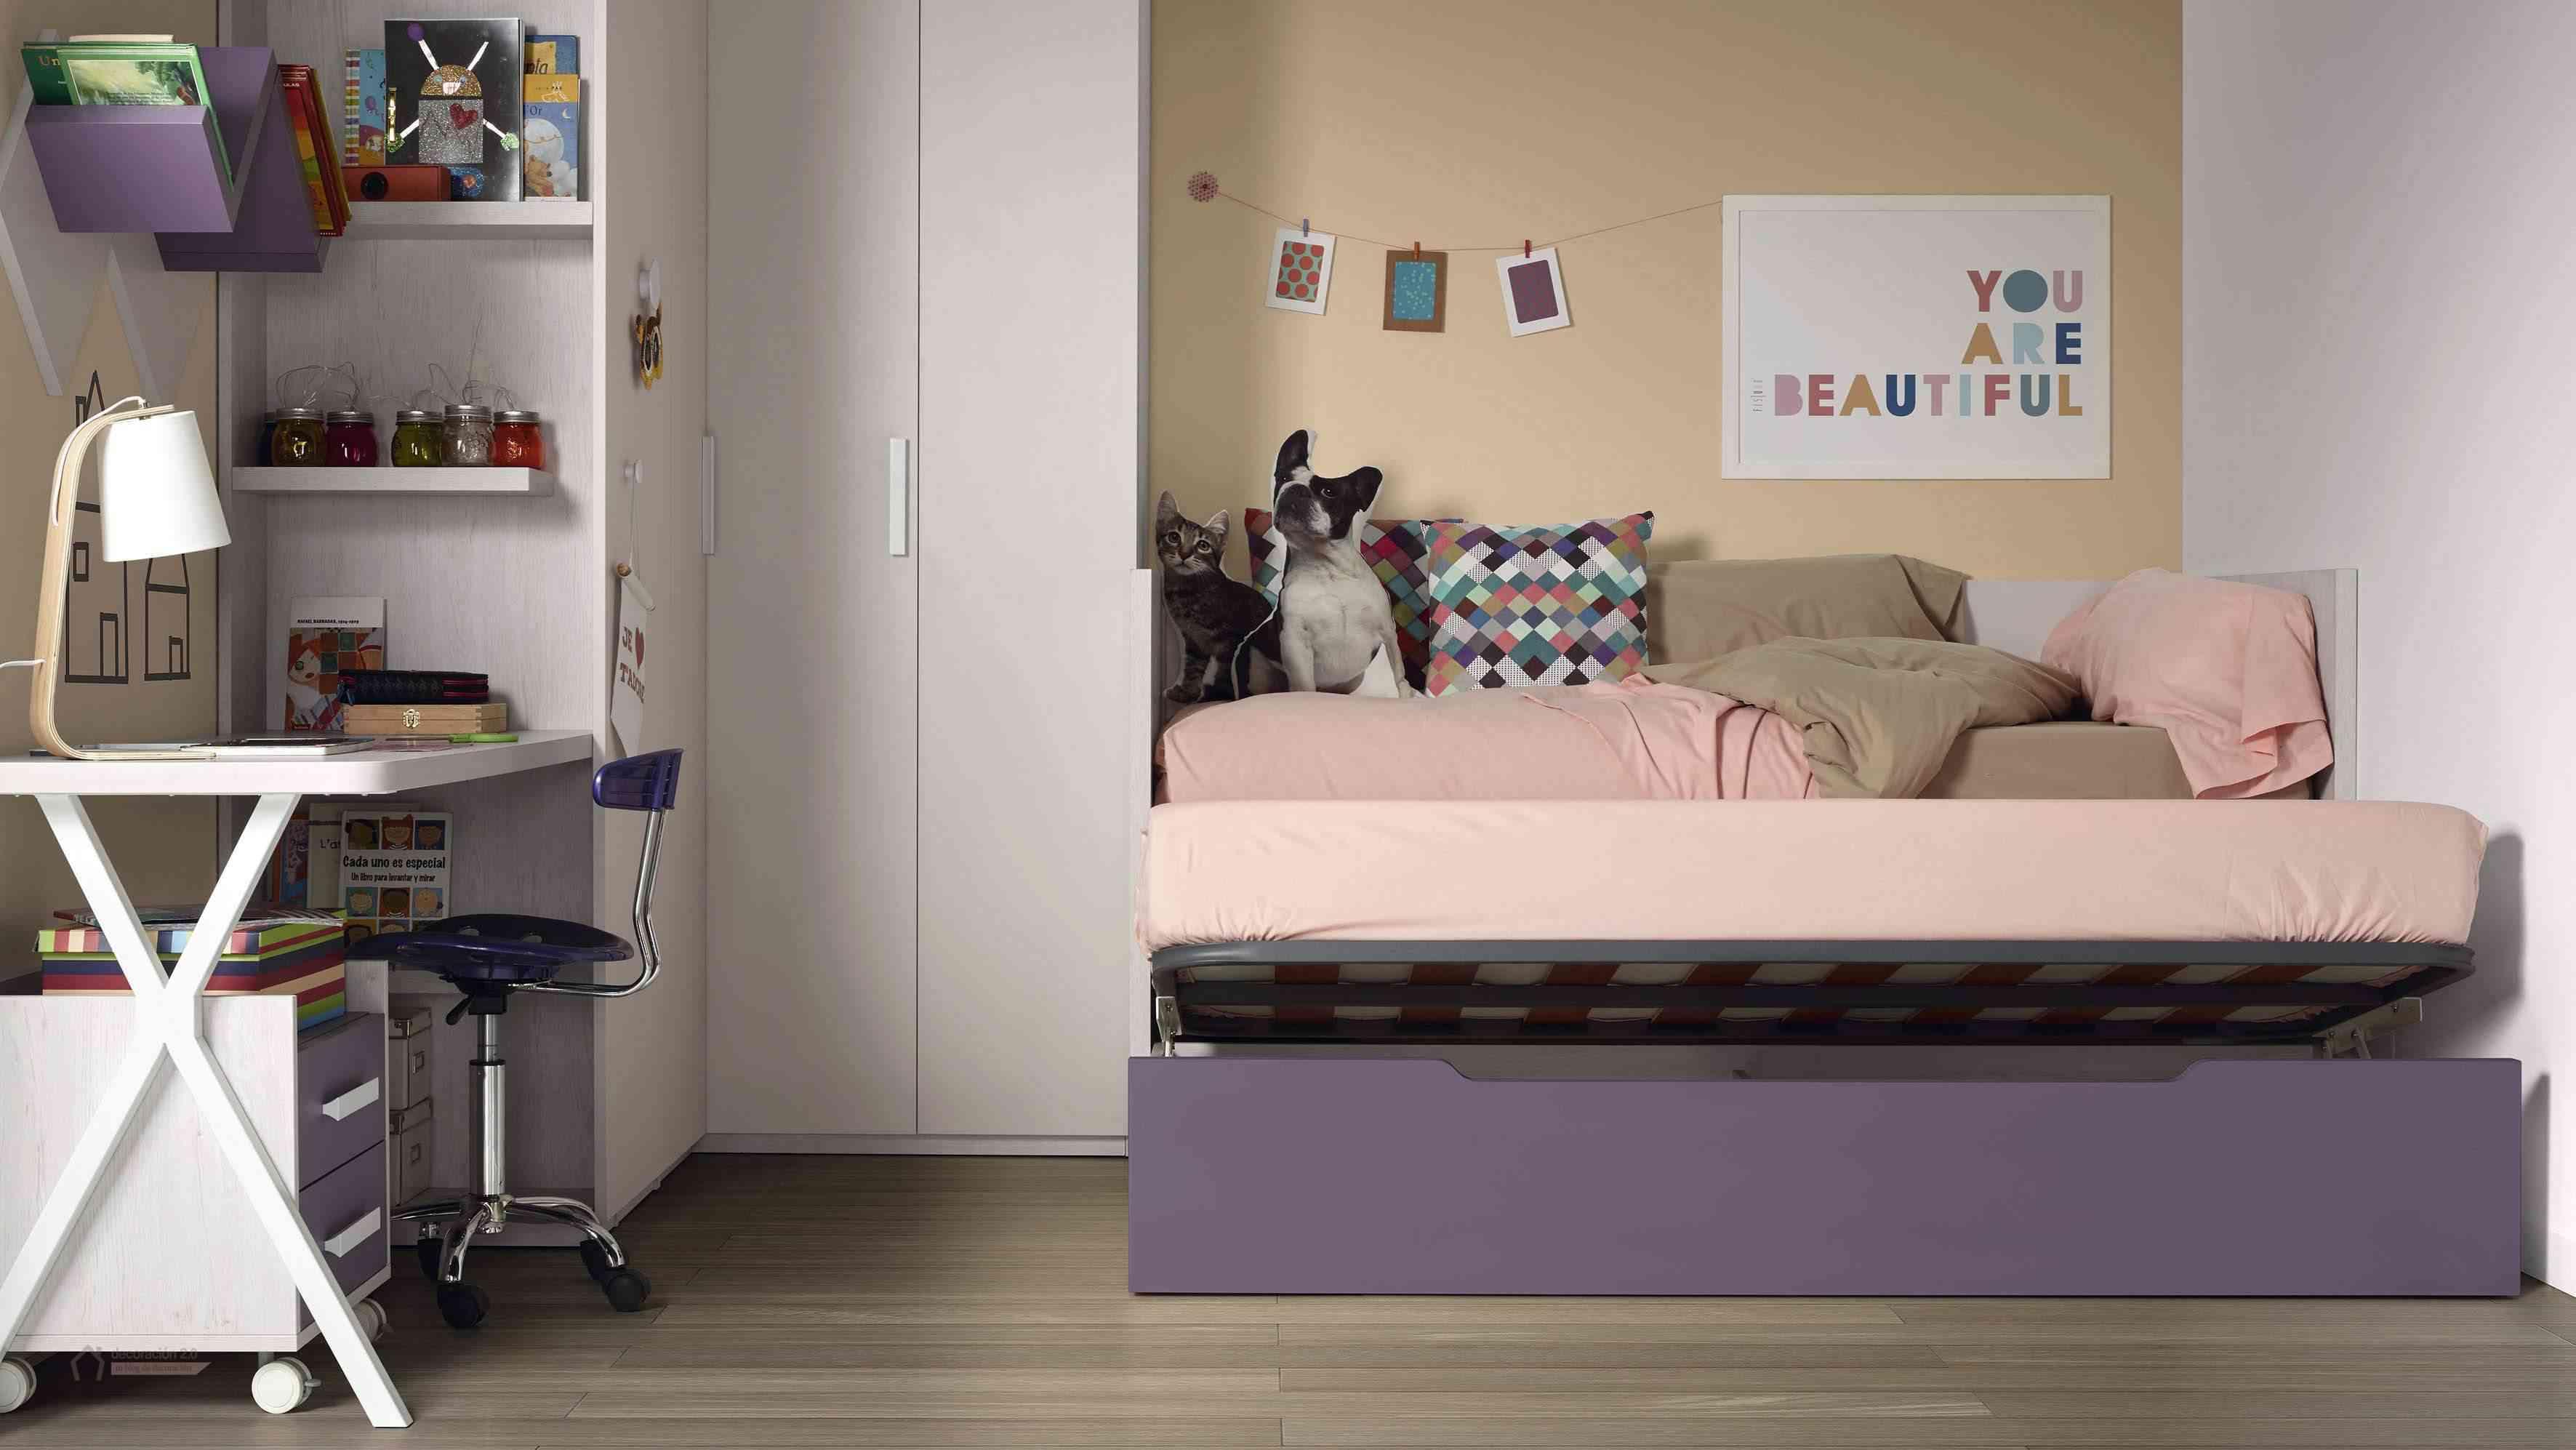 Dormitorios muy tecnológicos que siguen el ritmo de niños y jóvenes 21